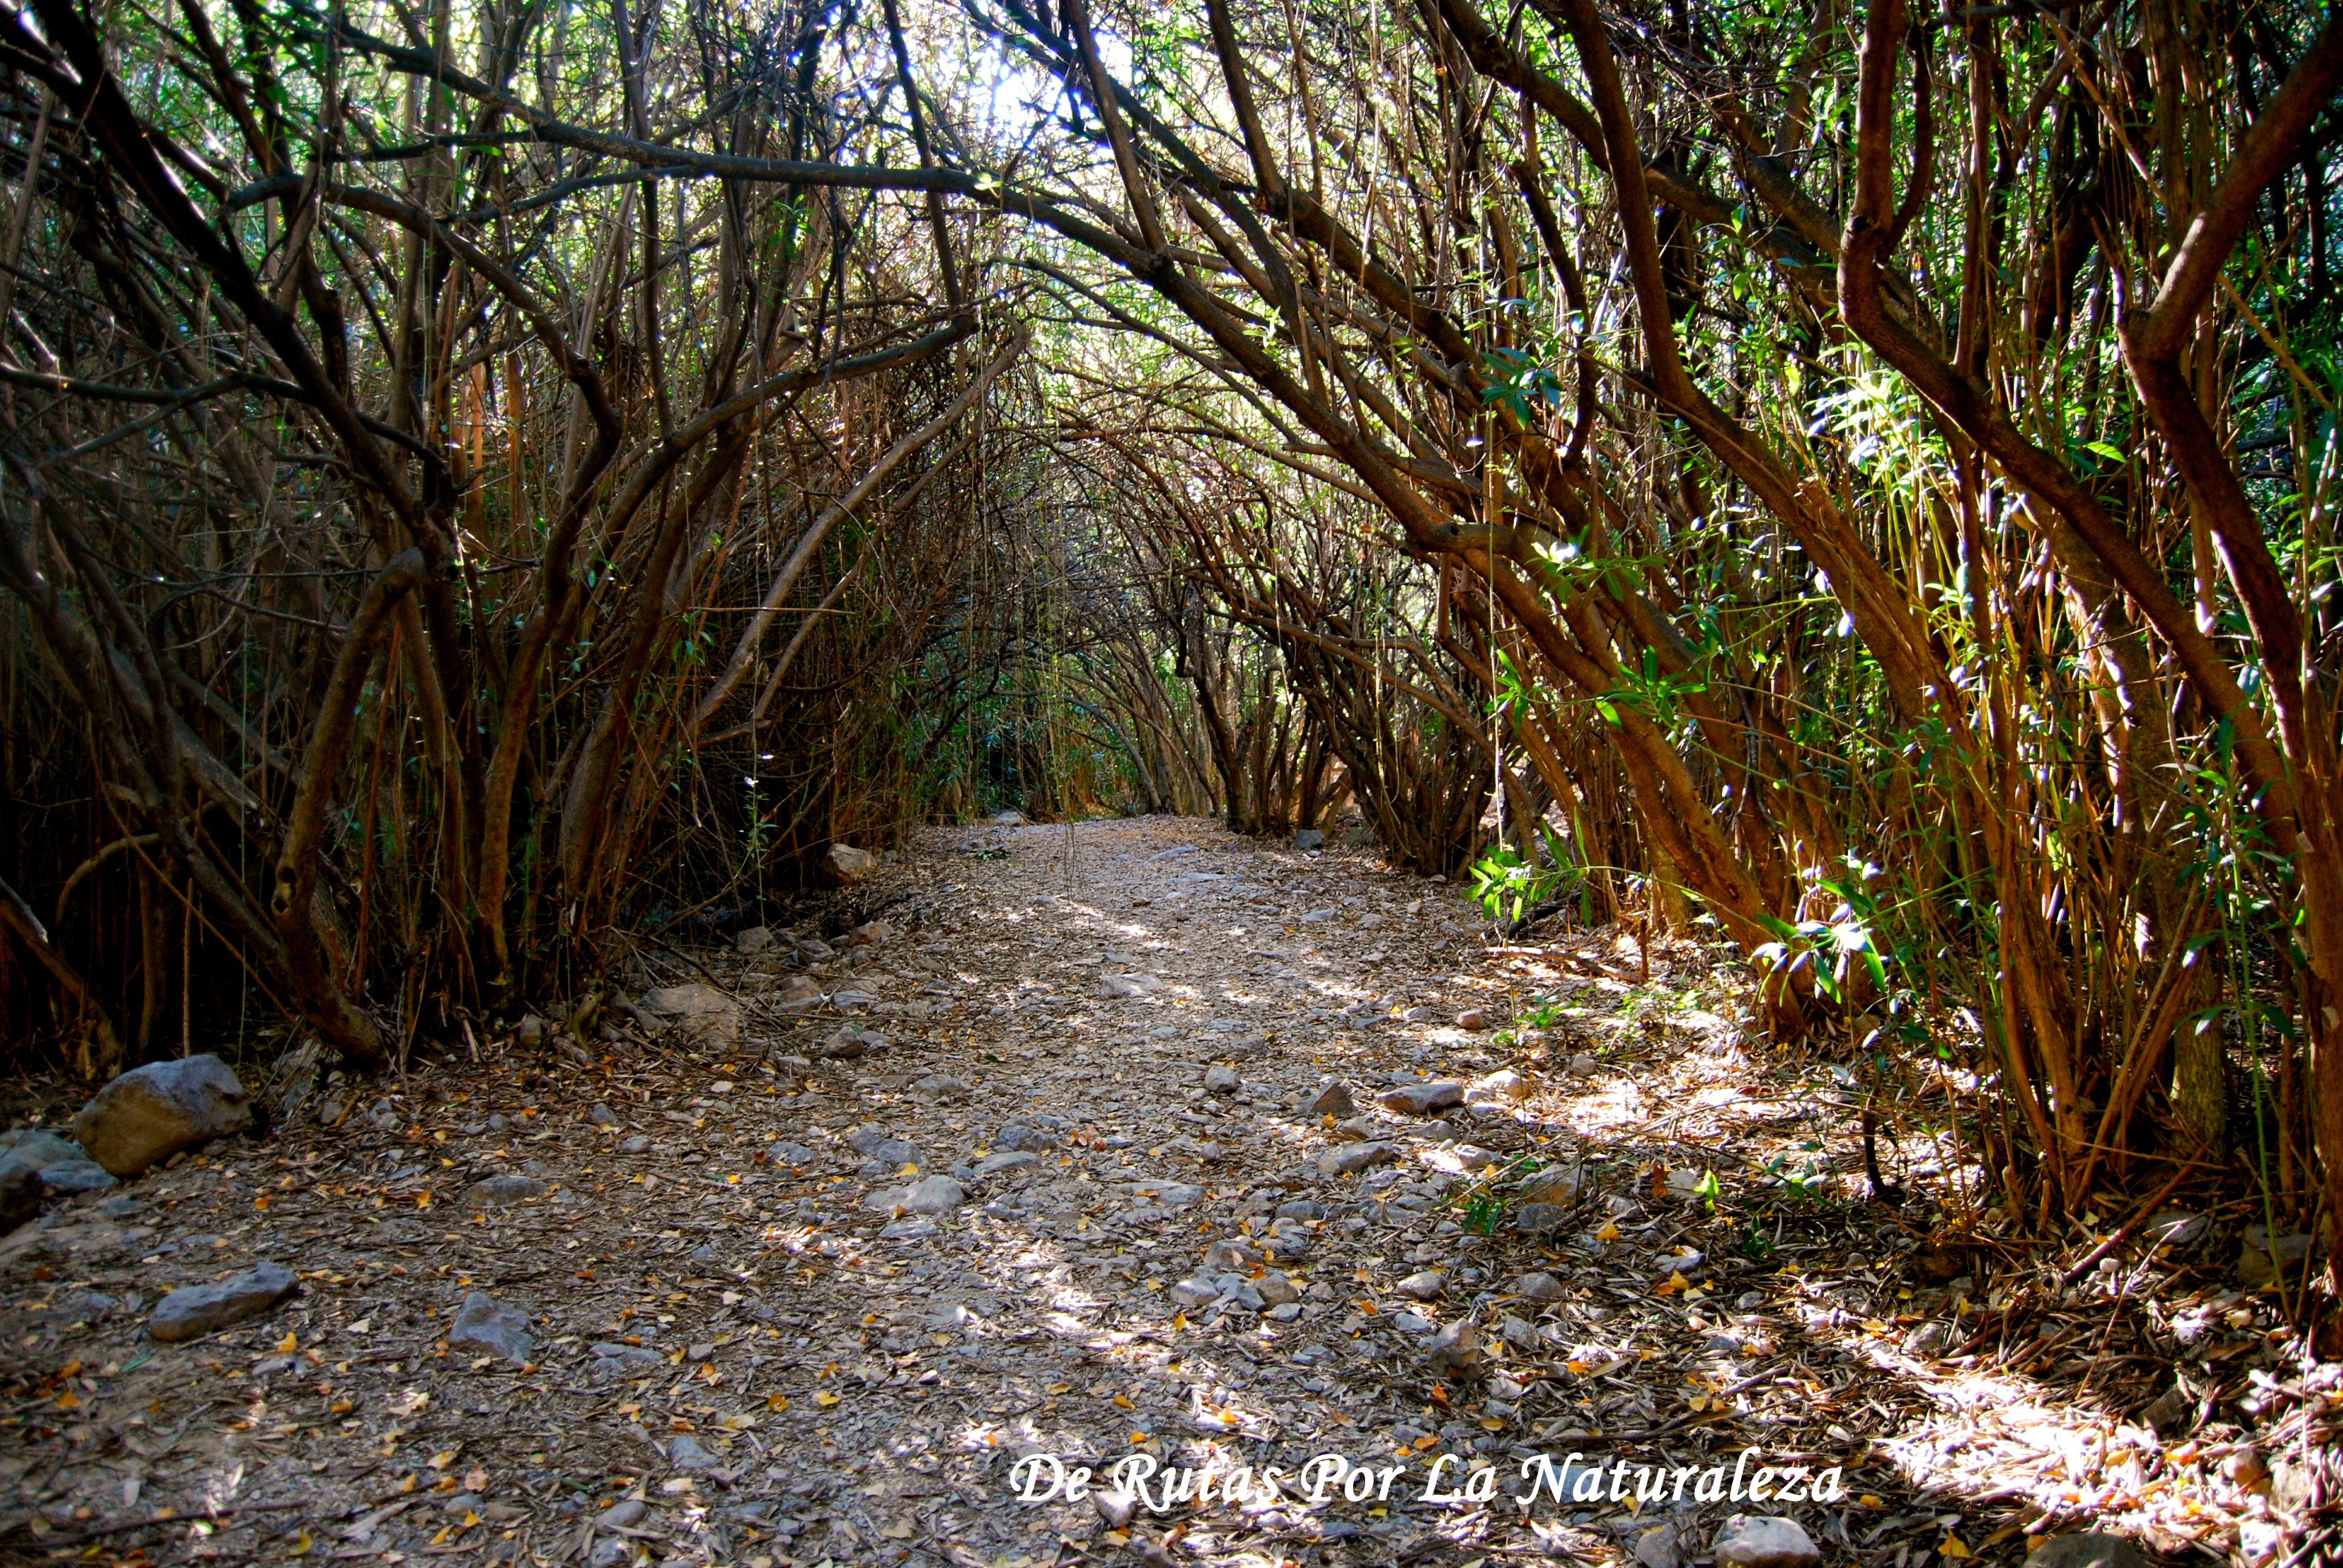 Adelfal de cuadros (Sierra Mágina) – De rutas por la naturaleza